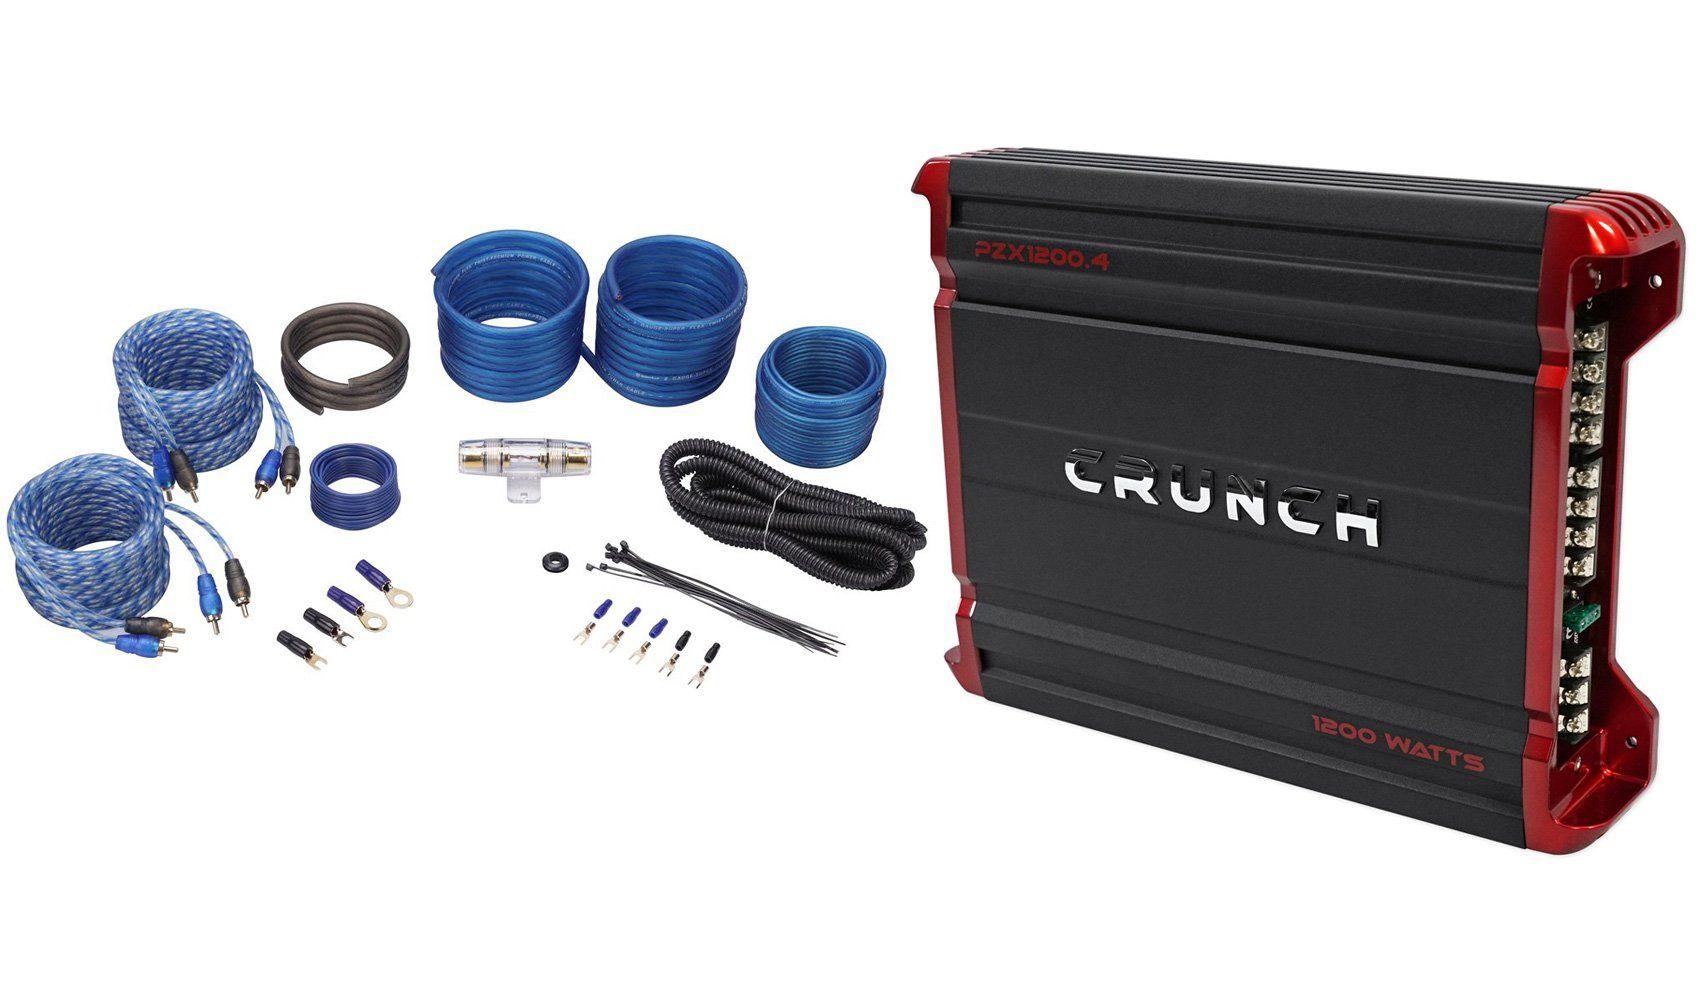 Package: Crunch PZX1200.4 1200 Watt 4 Channel Powerful Car Audio ...